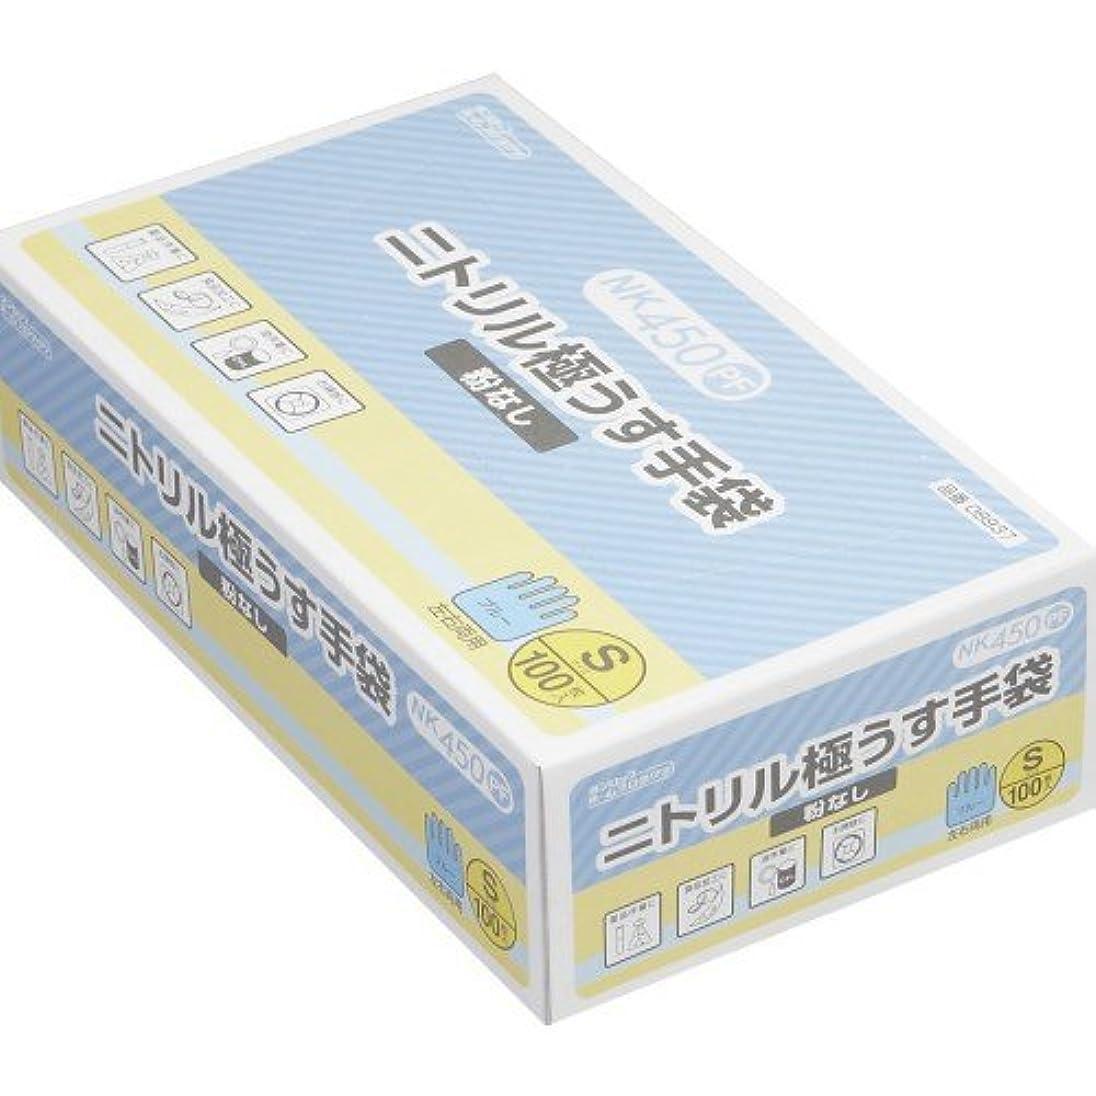 はっきりしない残る夜粉なしニトリル極うす手袋 100枚入 Sサイズ NK-450